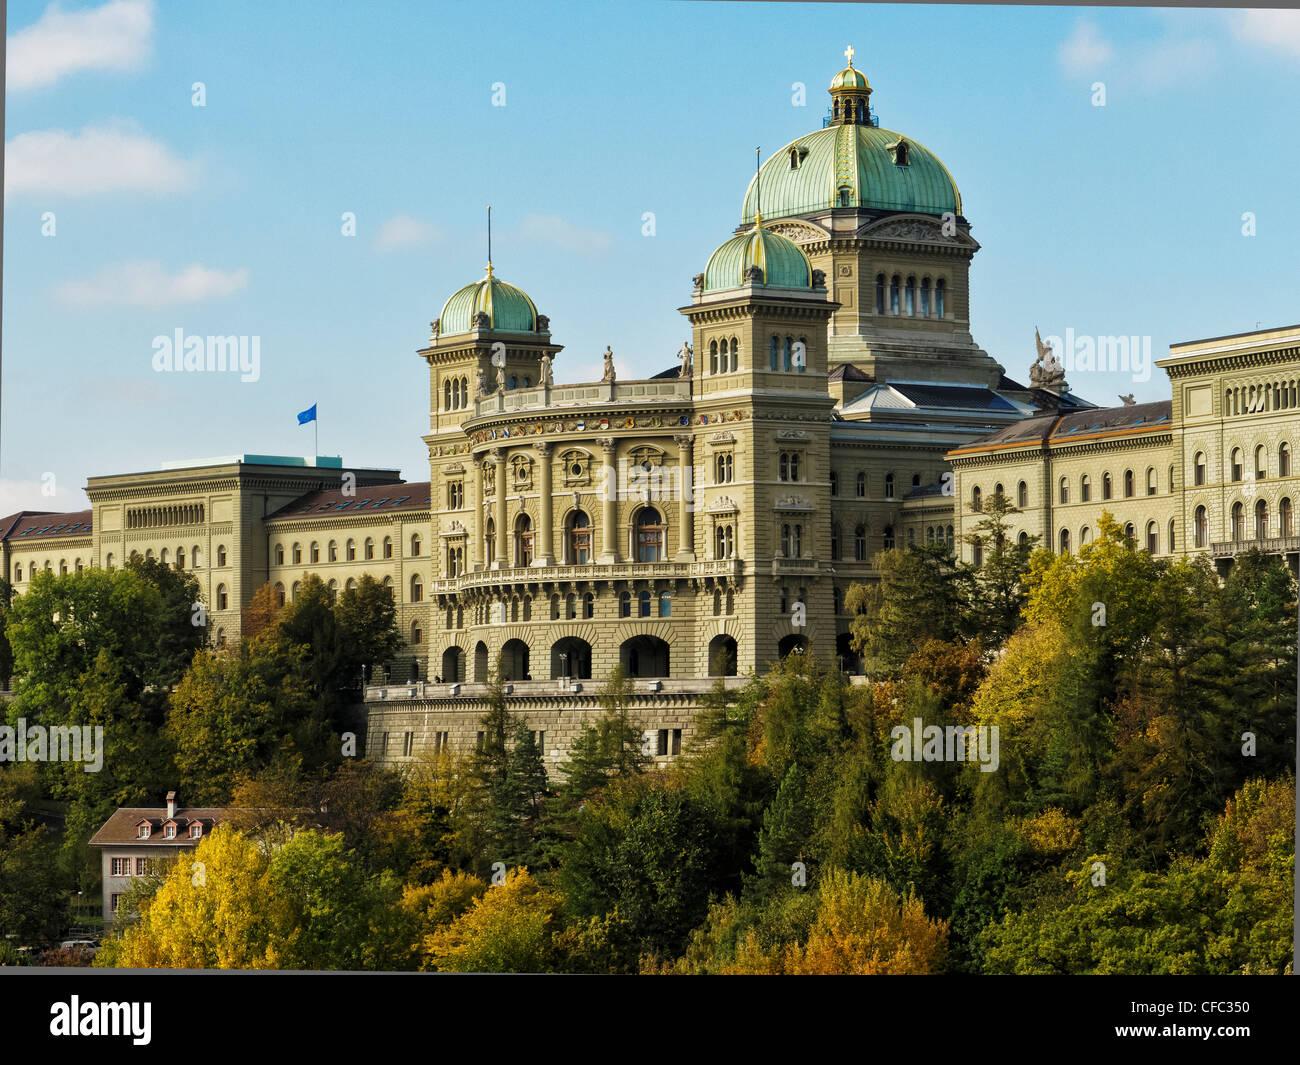 Berna, el edificio del parlamento federal, capital política, cantón de Berna, Suiza, el gobierno de la Imagen De Stock